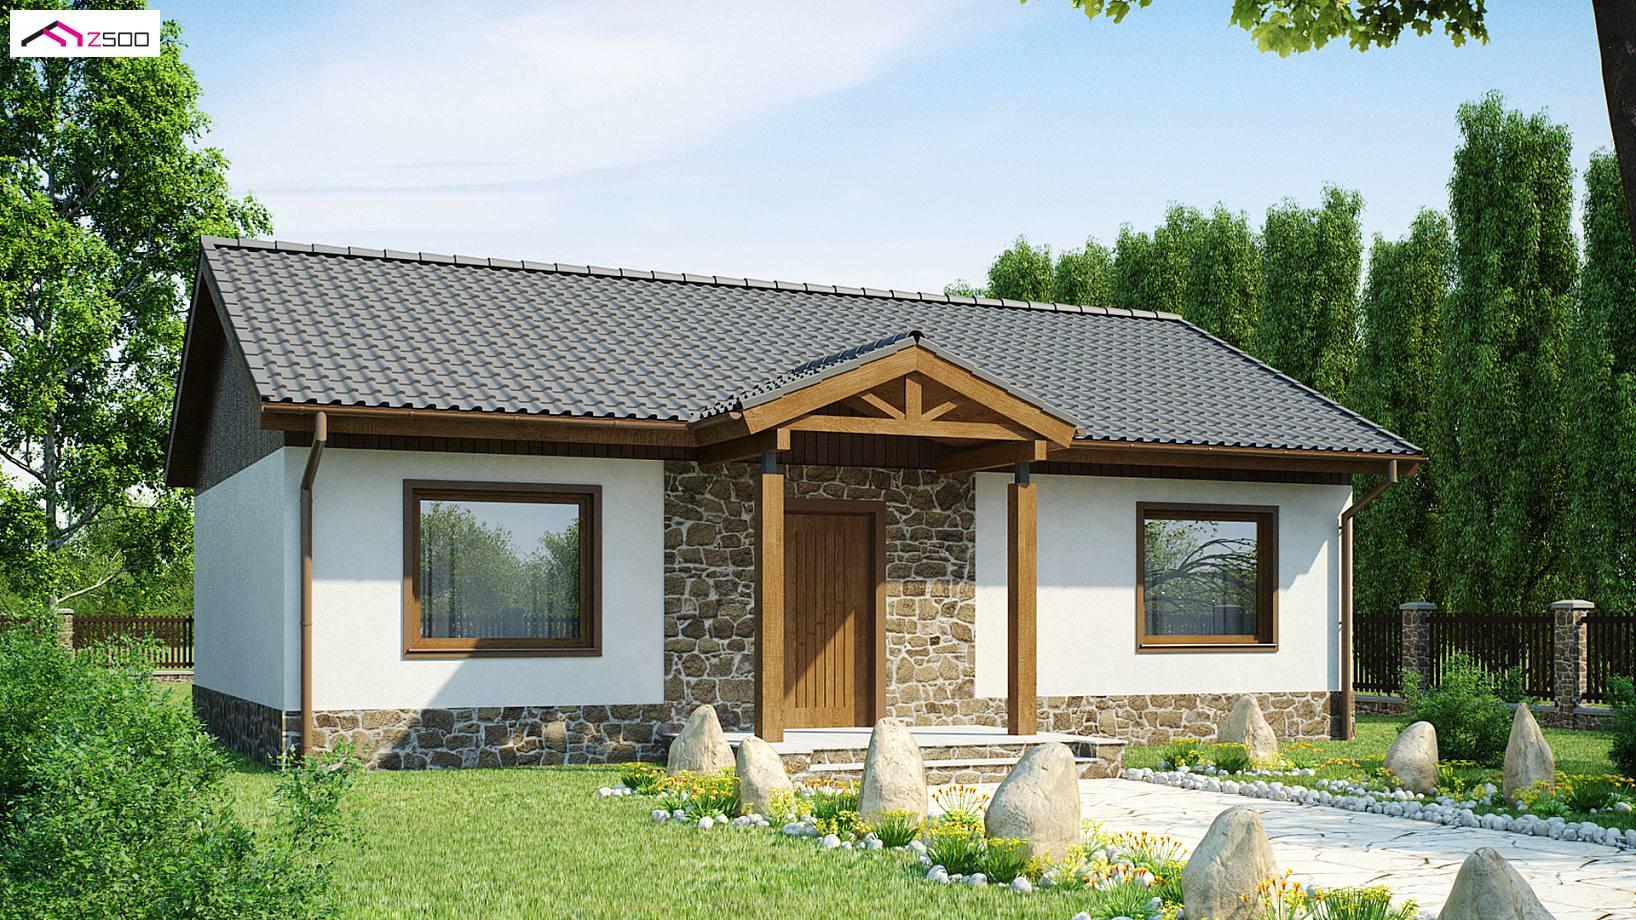 Projekt domu Z72 Tani w realizacji dom parterowy z dwoma sypialniami i obszernym pokojem dziennym.